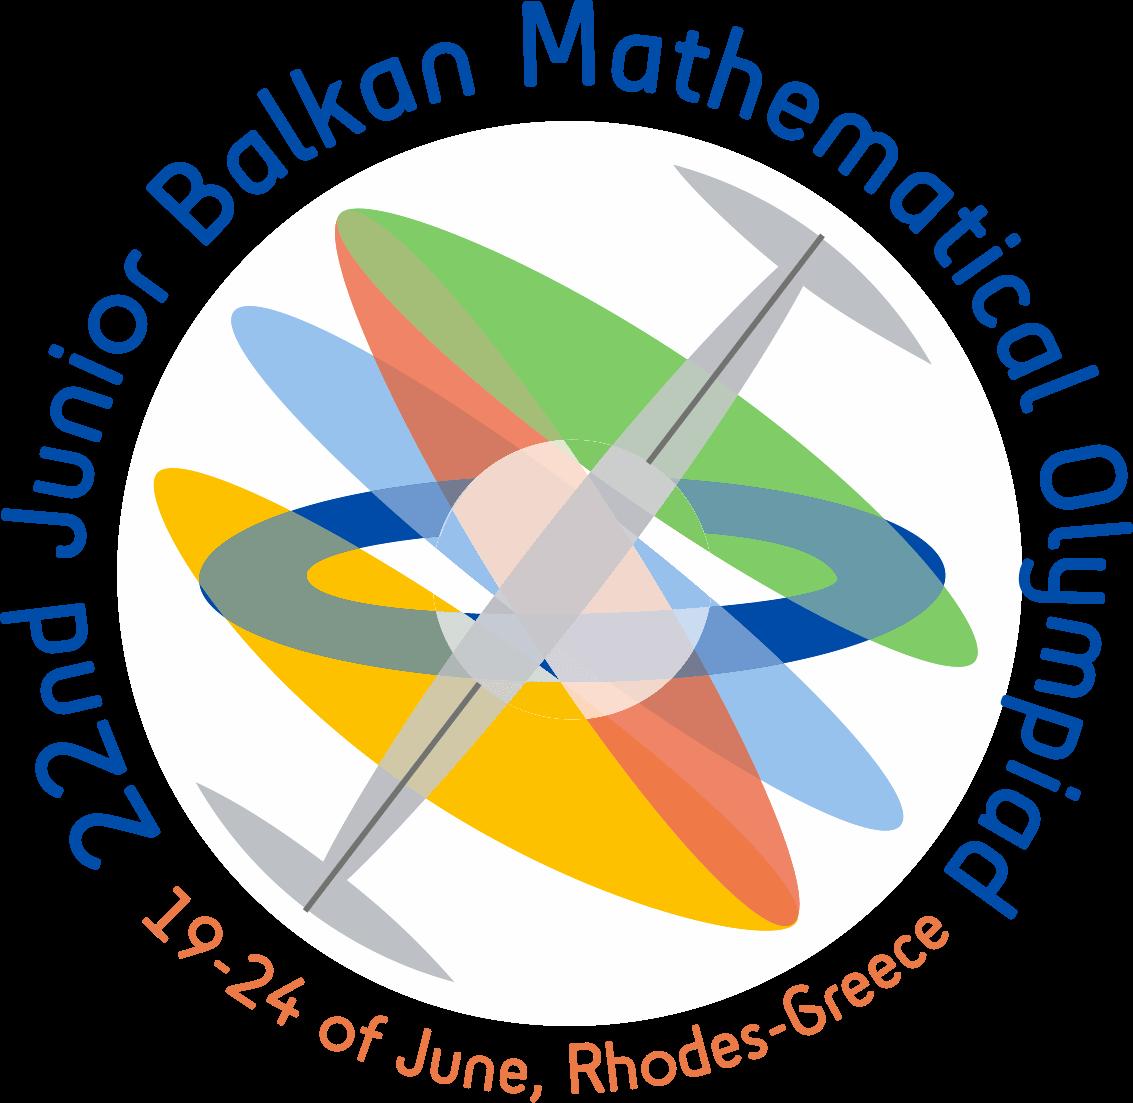 jbmo 2018 logo